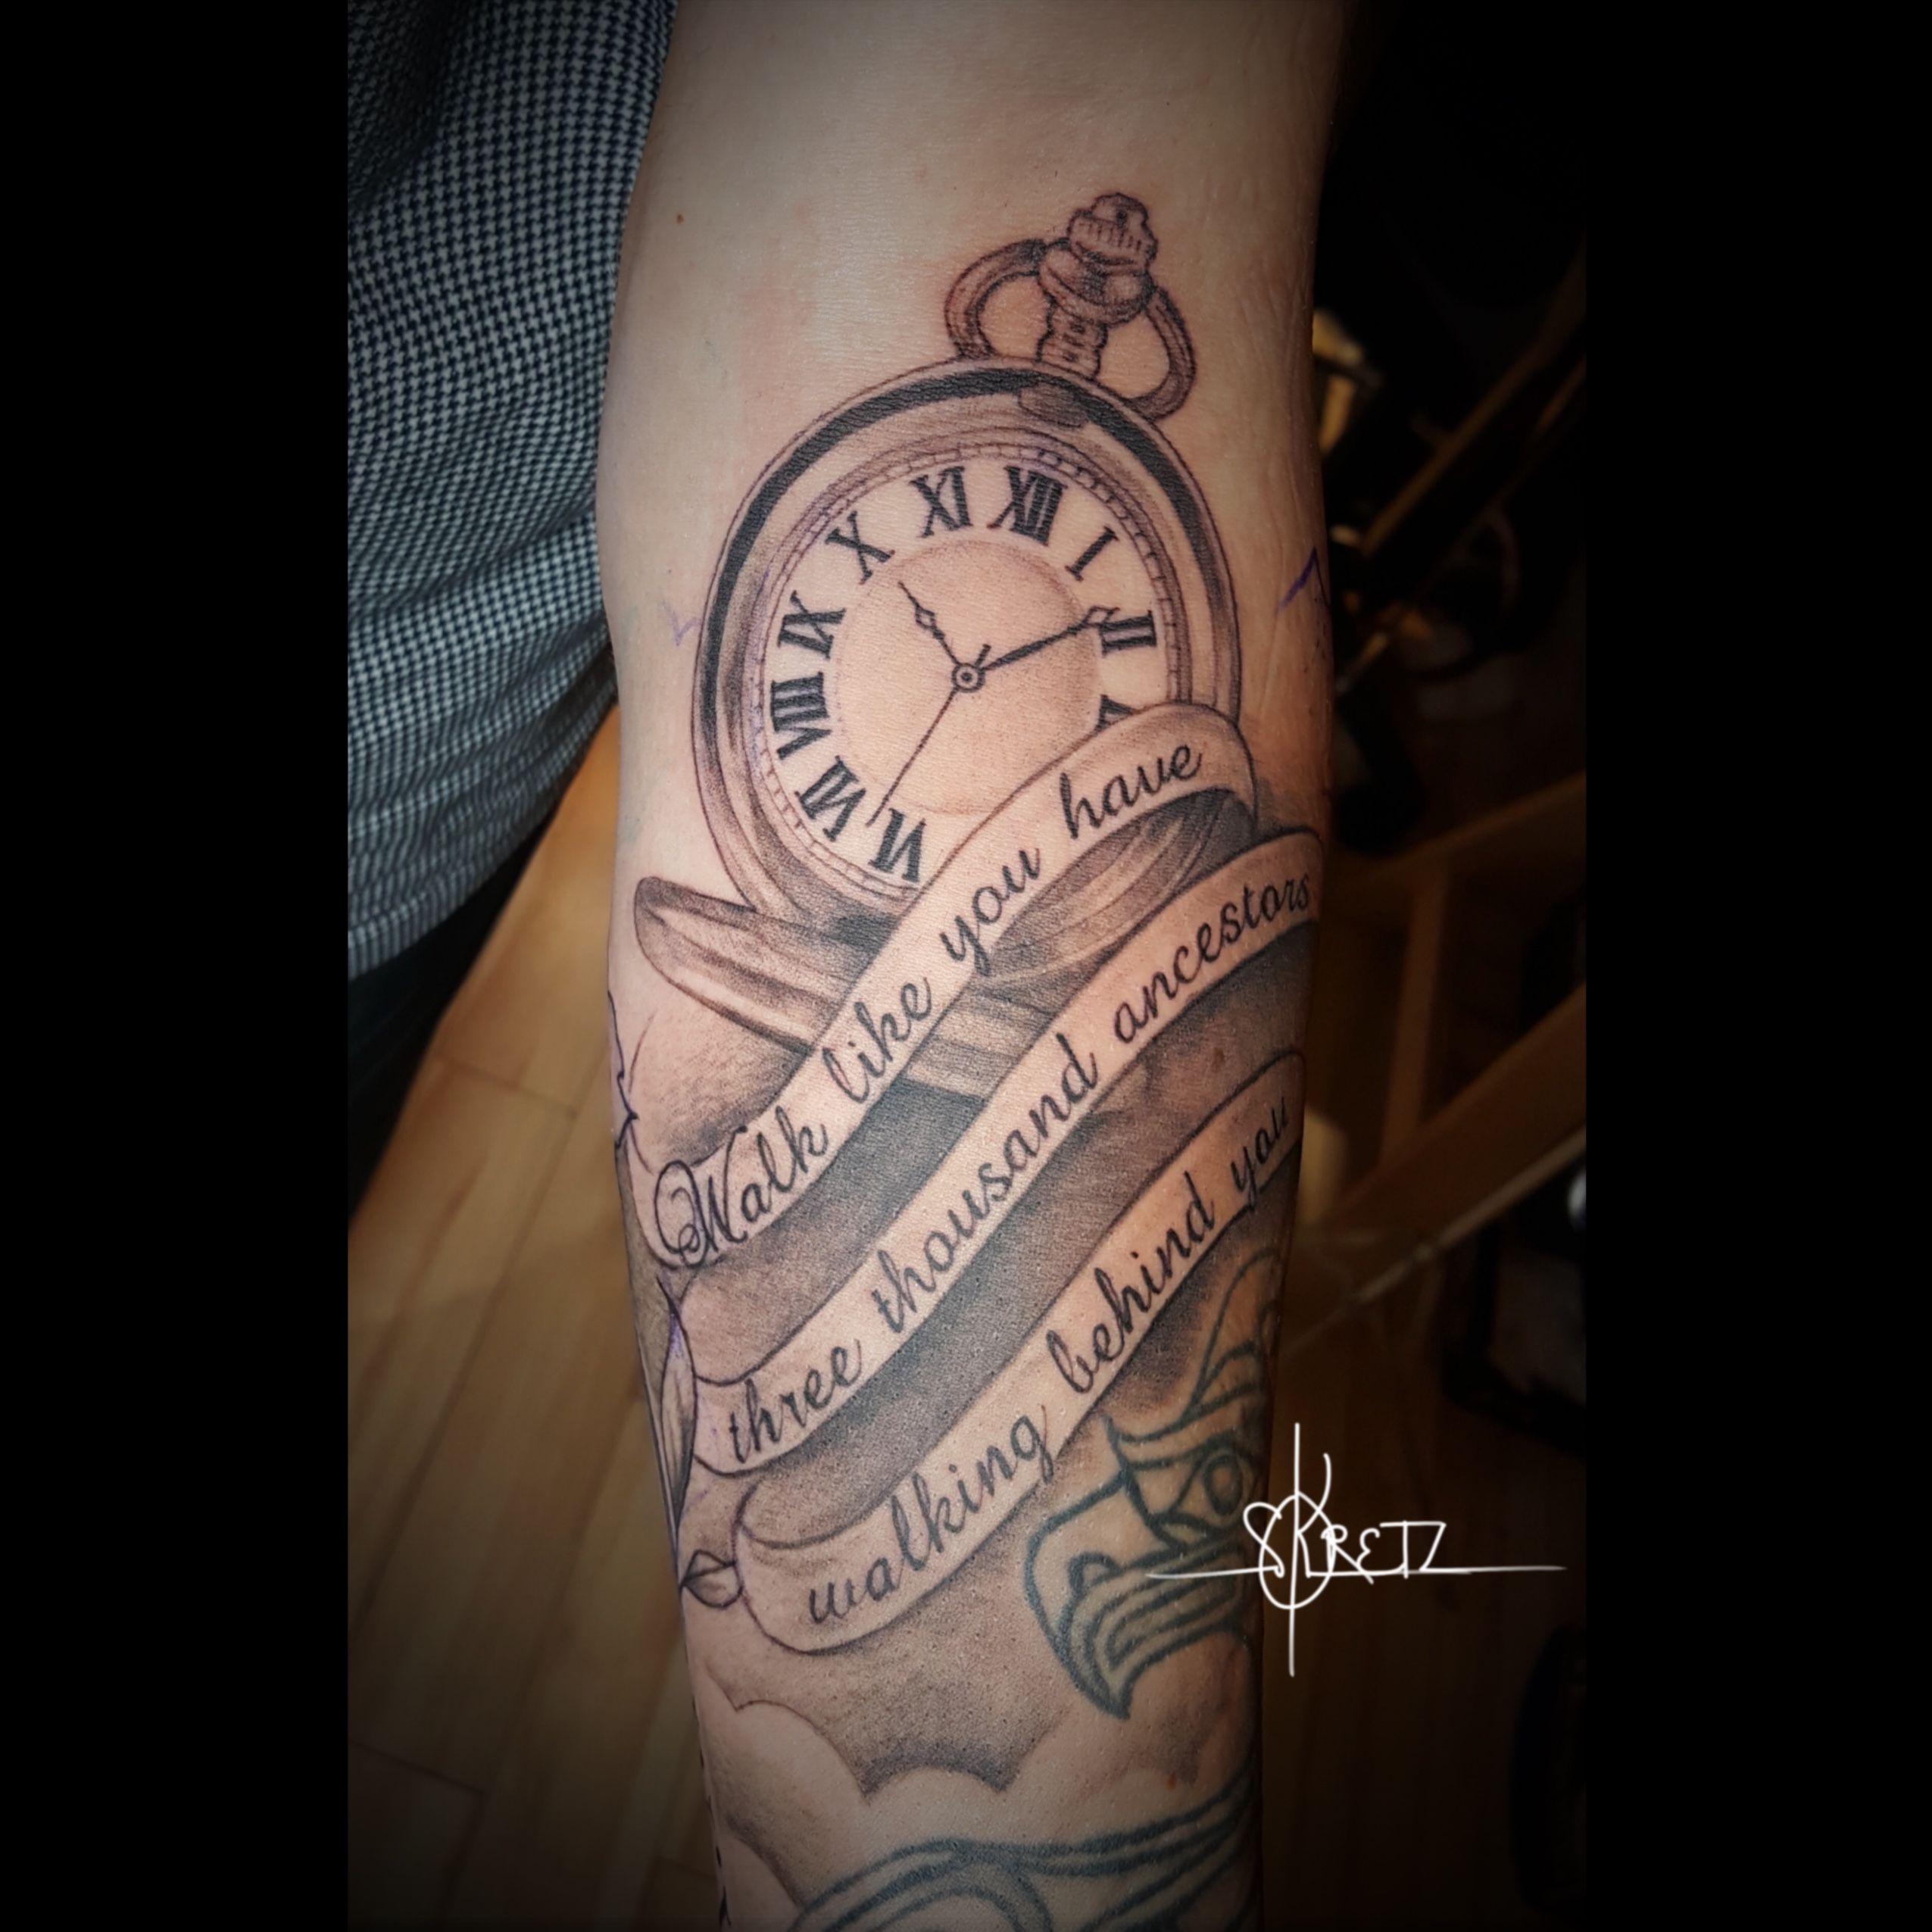 #pocketwatch #tattoos #tattooideas #bctattoo #whistlertattoo #vancouvertattoo   #whistlerbc  #realistictattoo #realisticink #blackandgreytattoo #blackandgrey #blackandgraytattoo